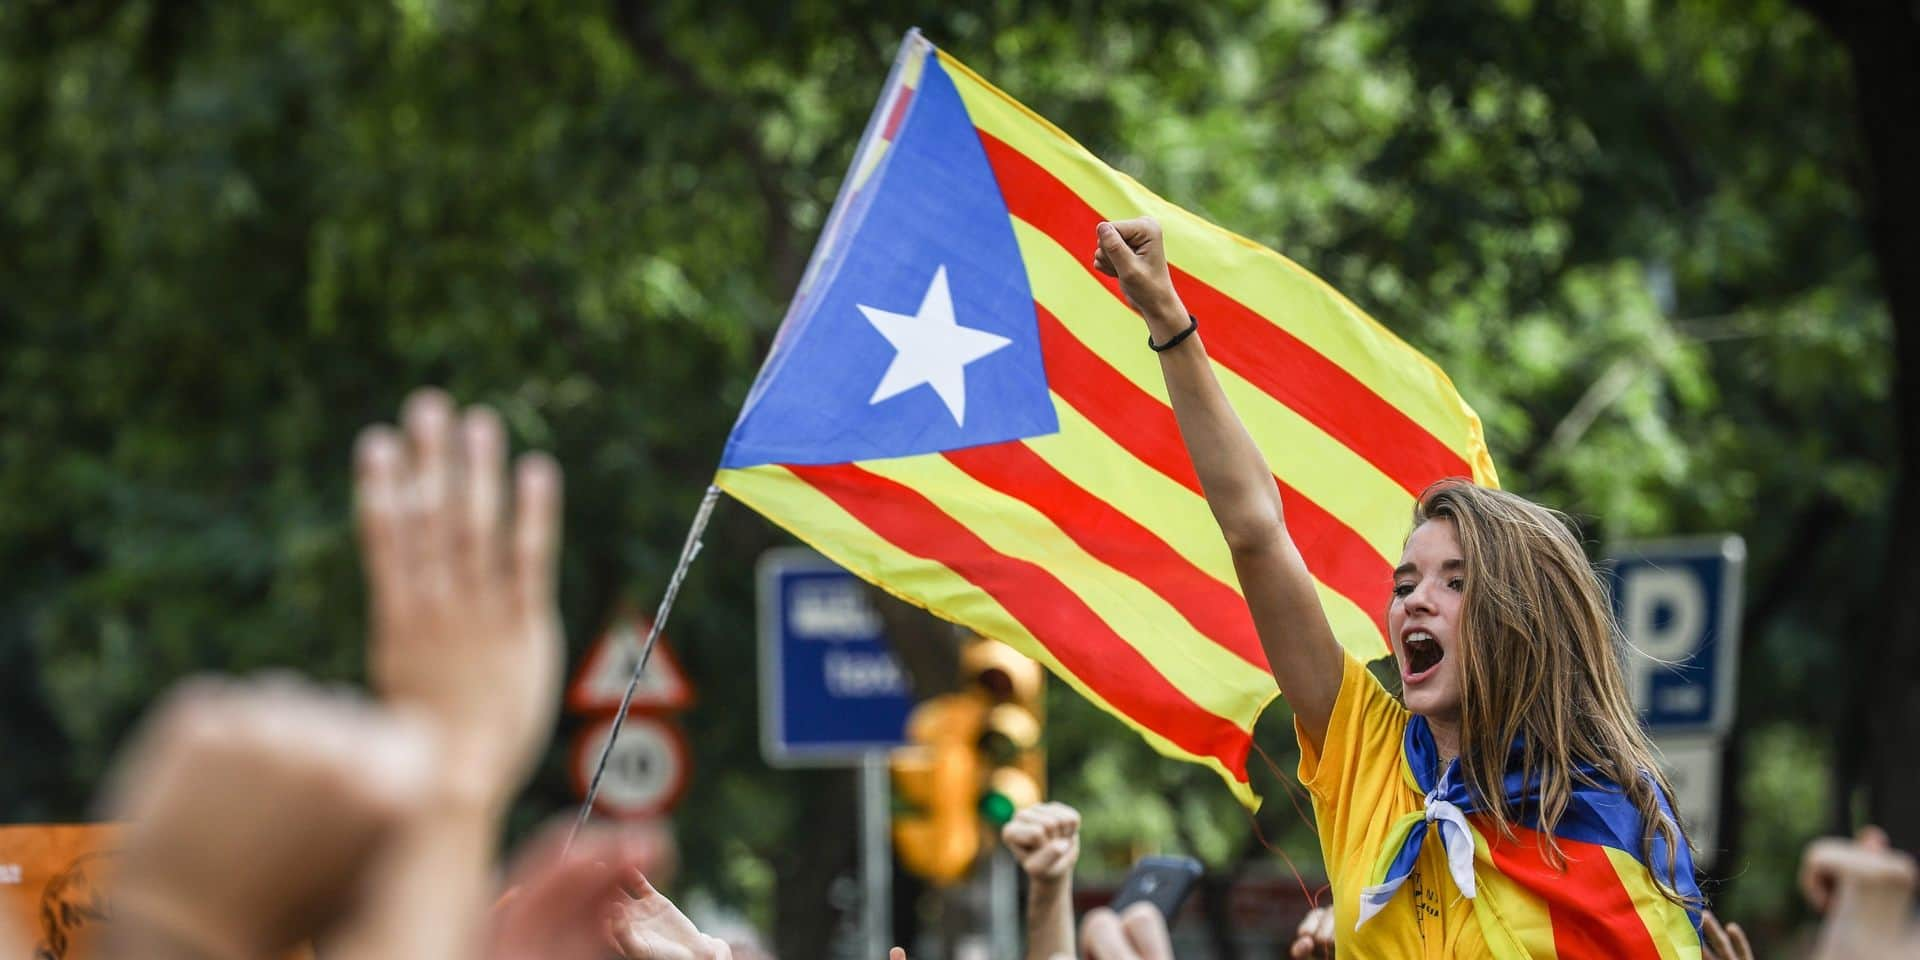 Les indépendantistes catalans condamnés en régime de semi-liberté